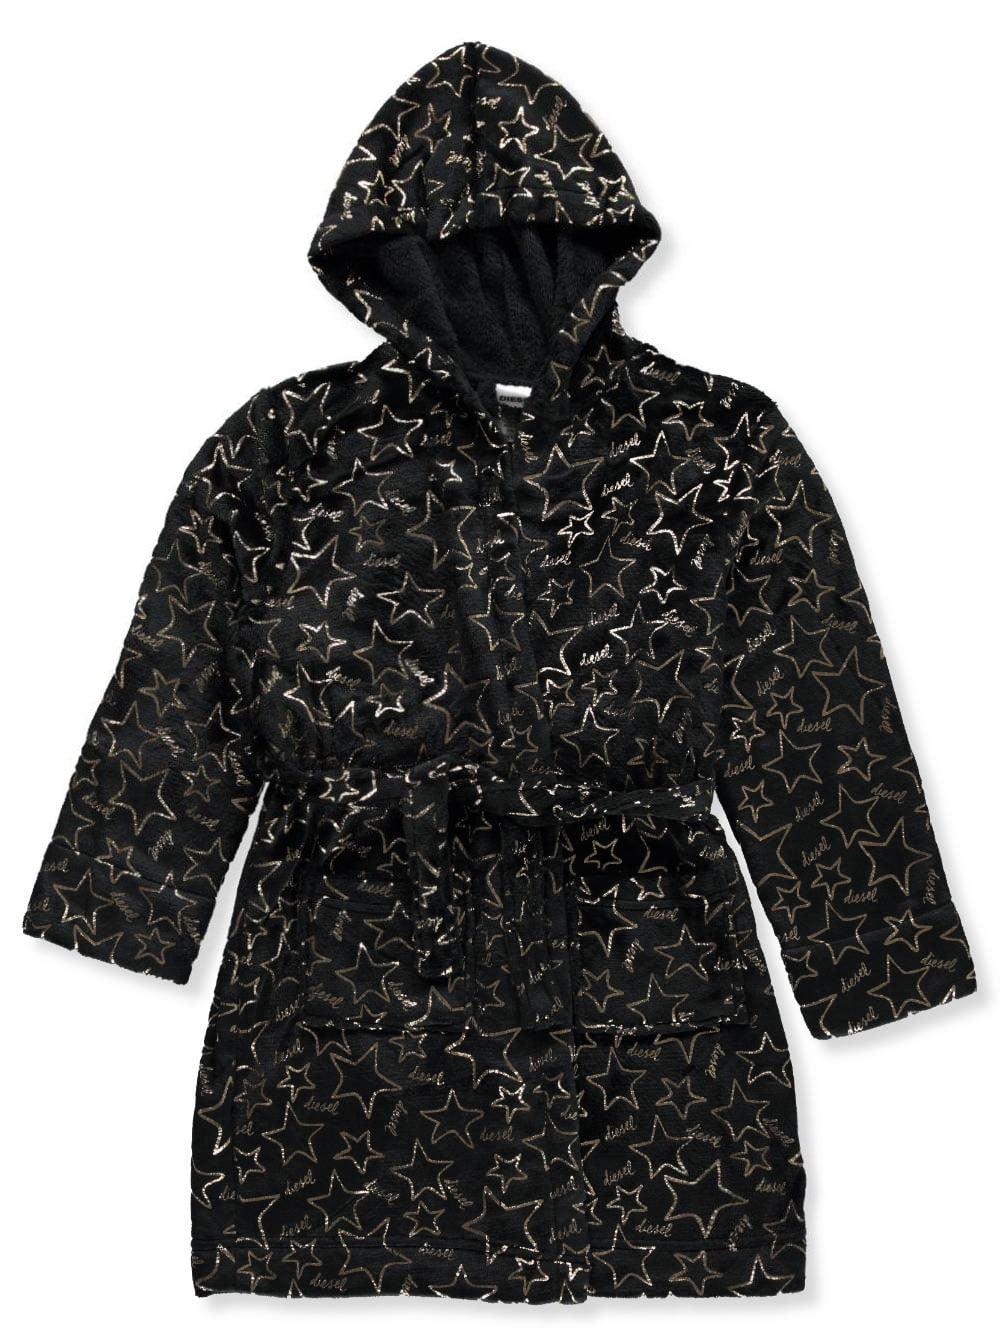 Diesel Girls' Hooded Robe